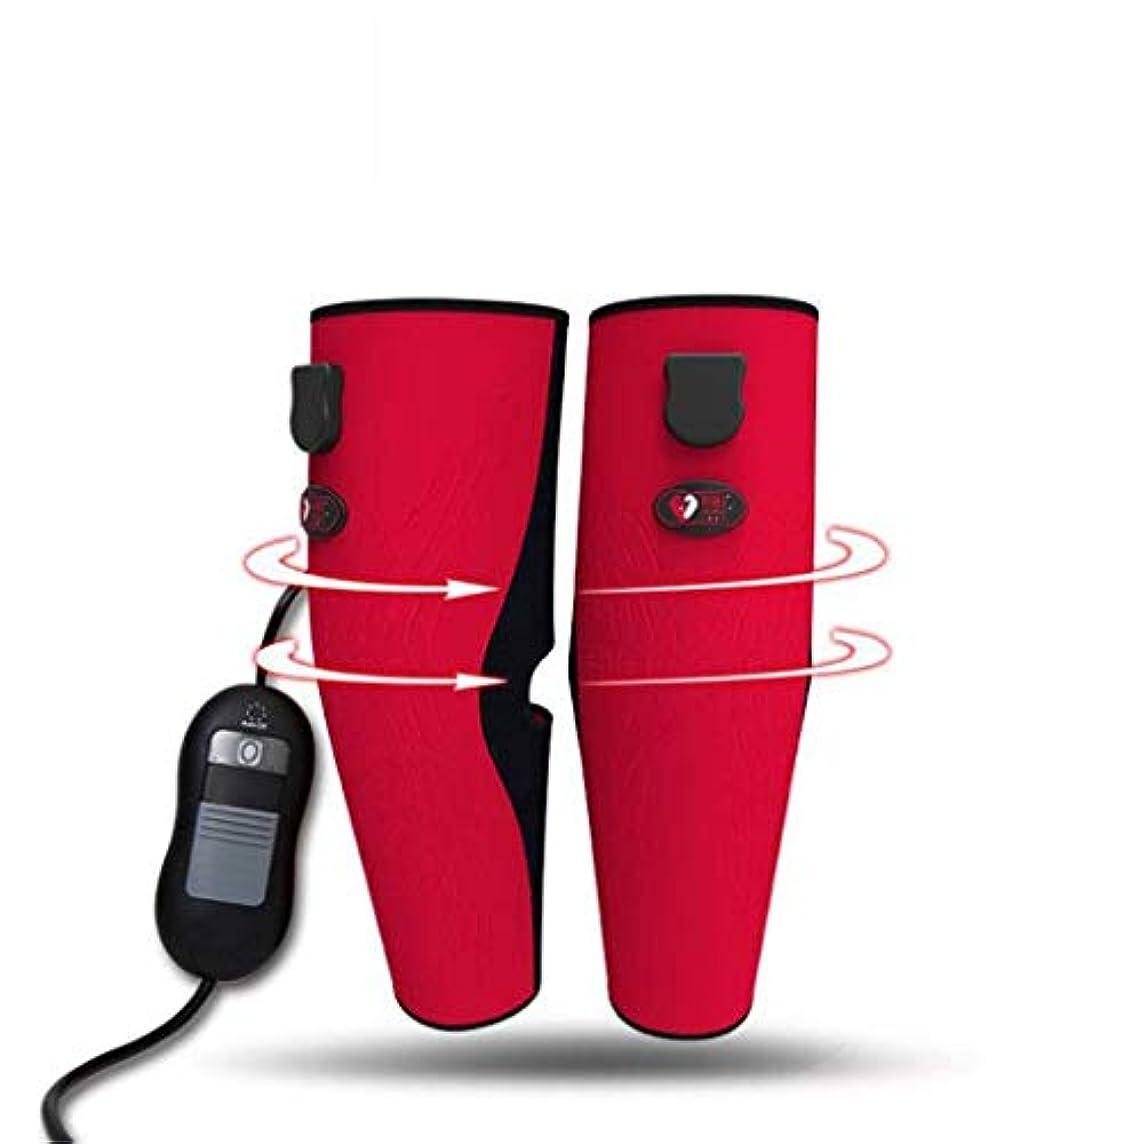 地下インカ帝国唯一温められた足のマッサージャー、膝と足の痛みを和らげる治療装置、3モード温度制御の痛みを和らげる治療装置